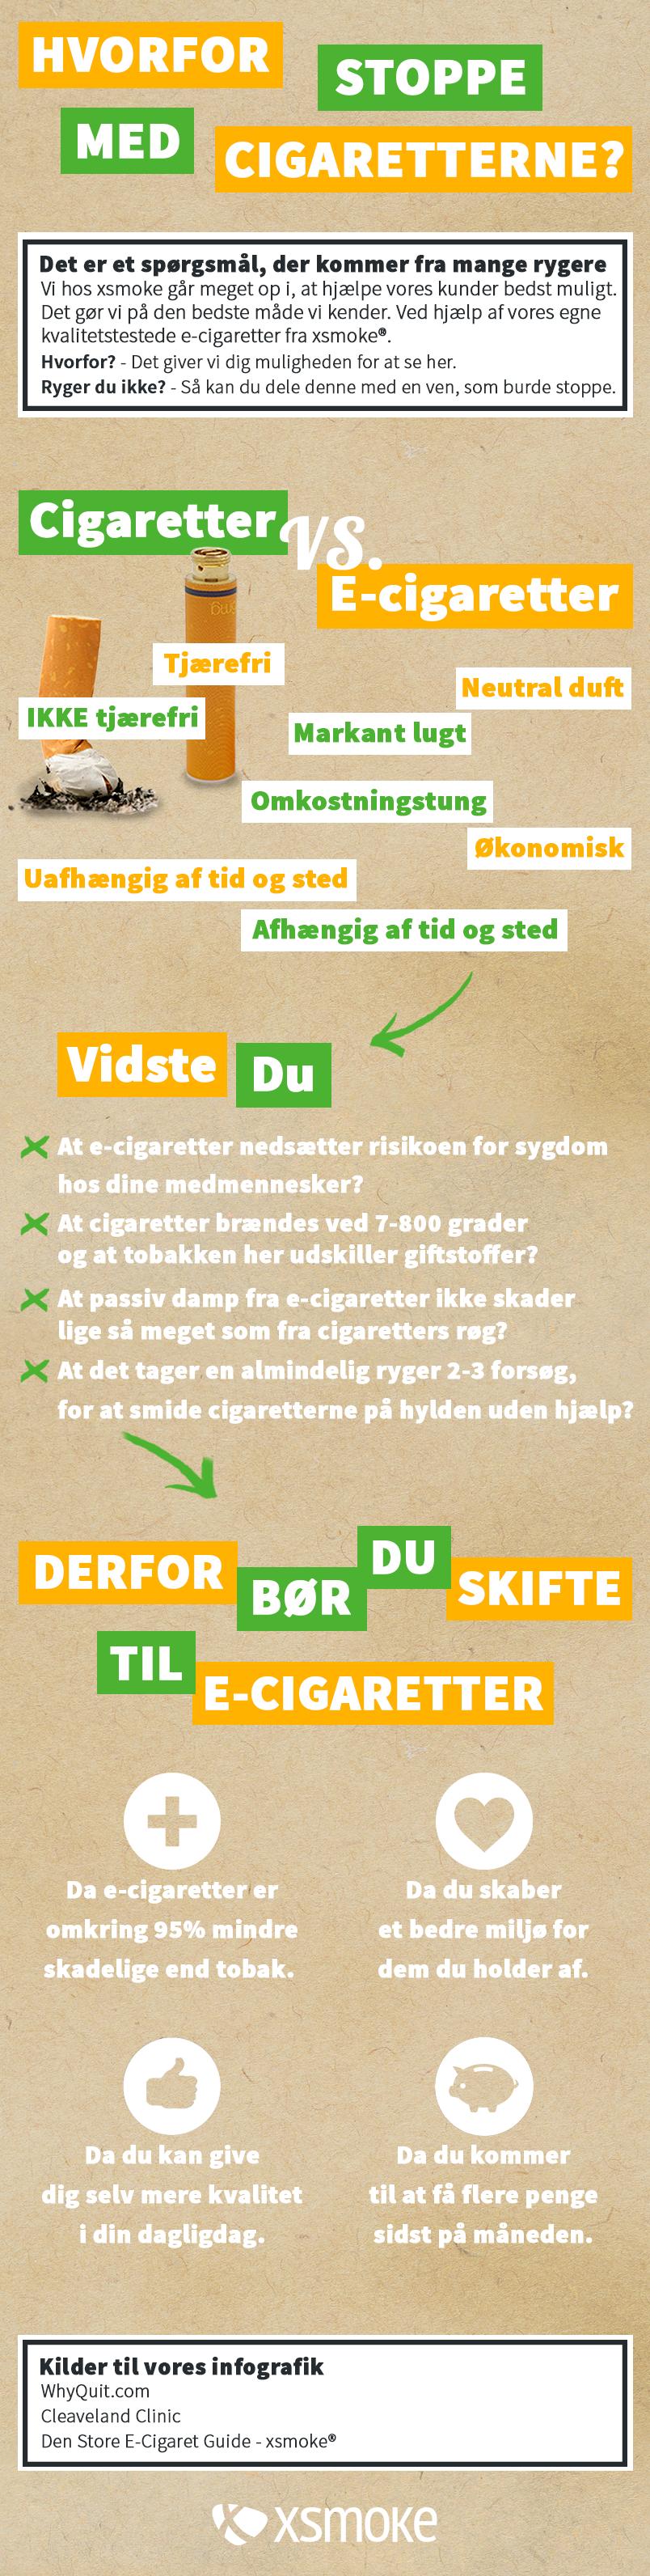 Hvad er bedst? Cigaret vs. e-cigaret